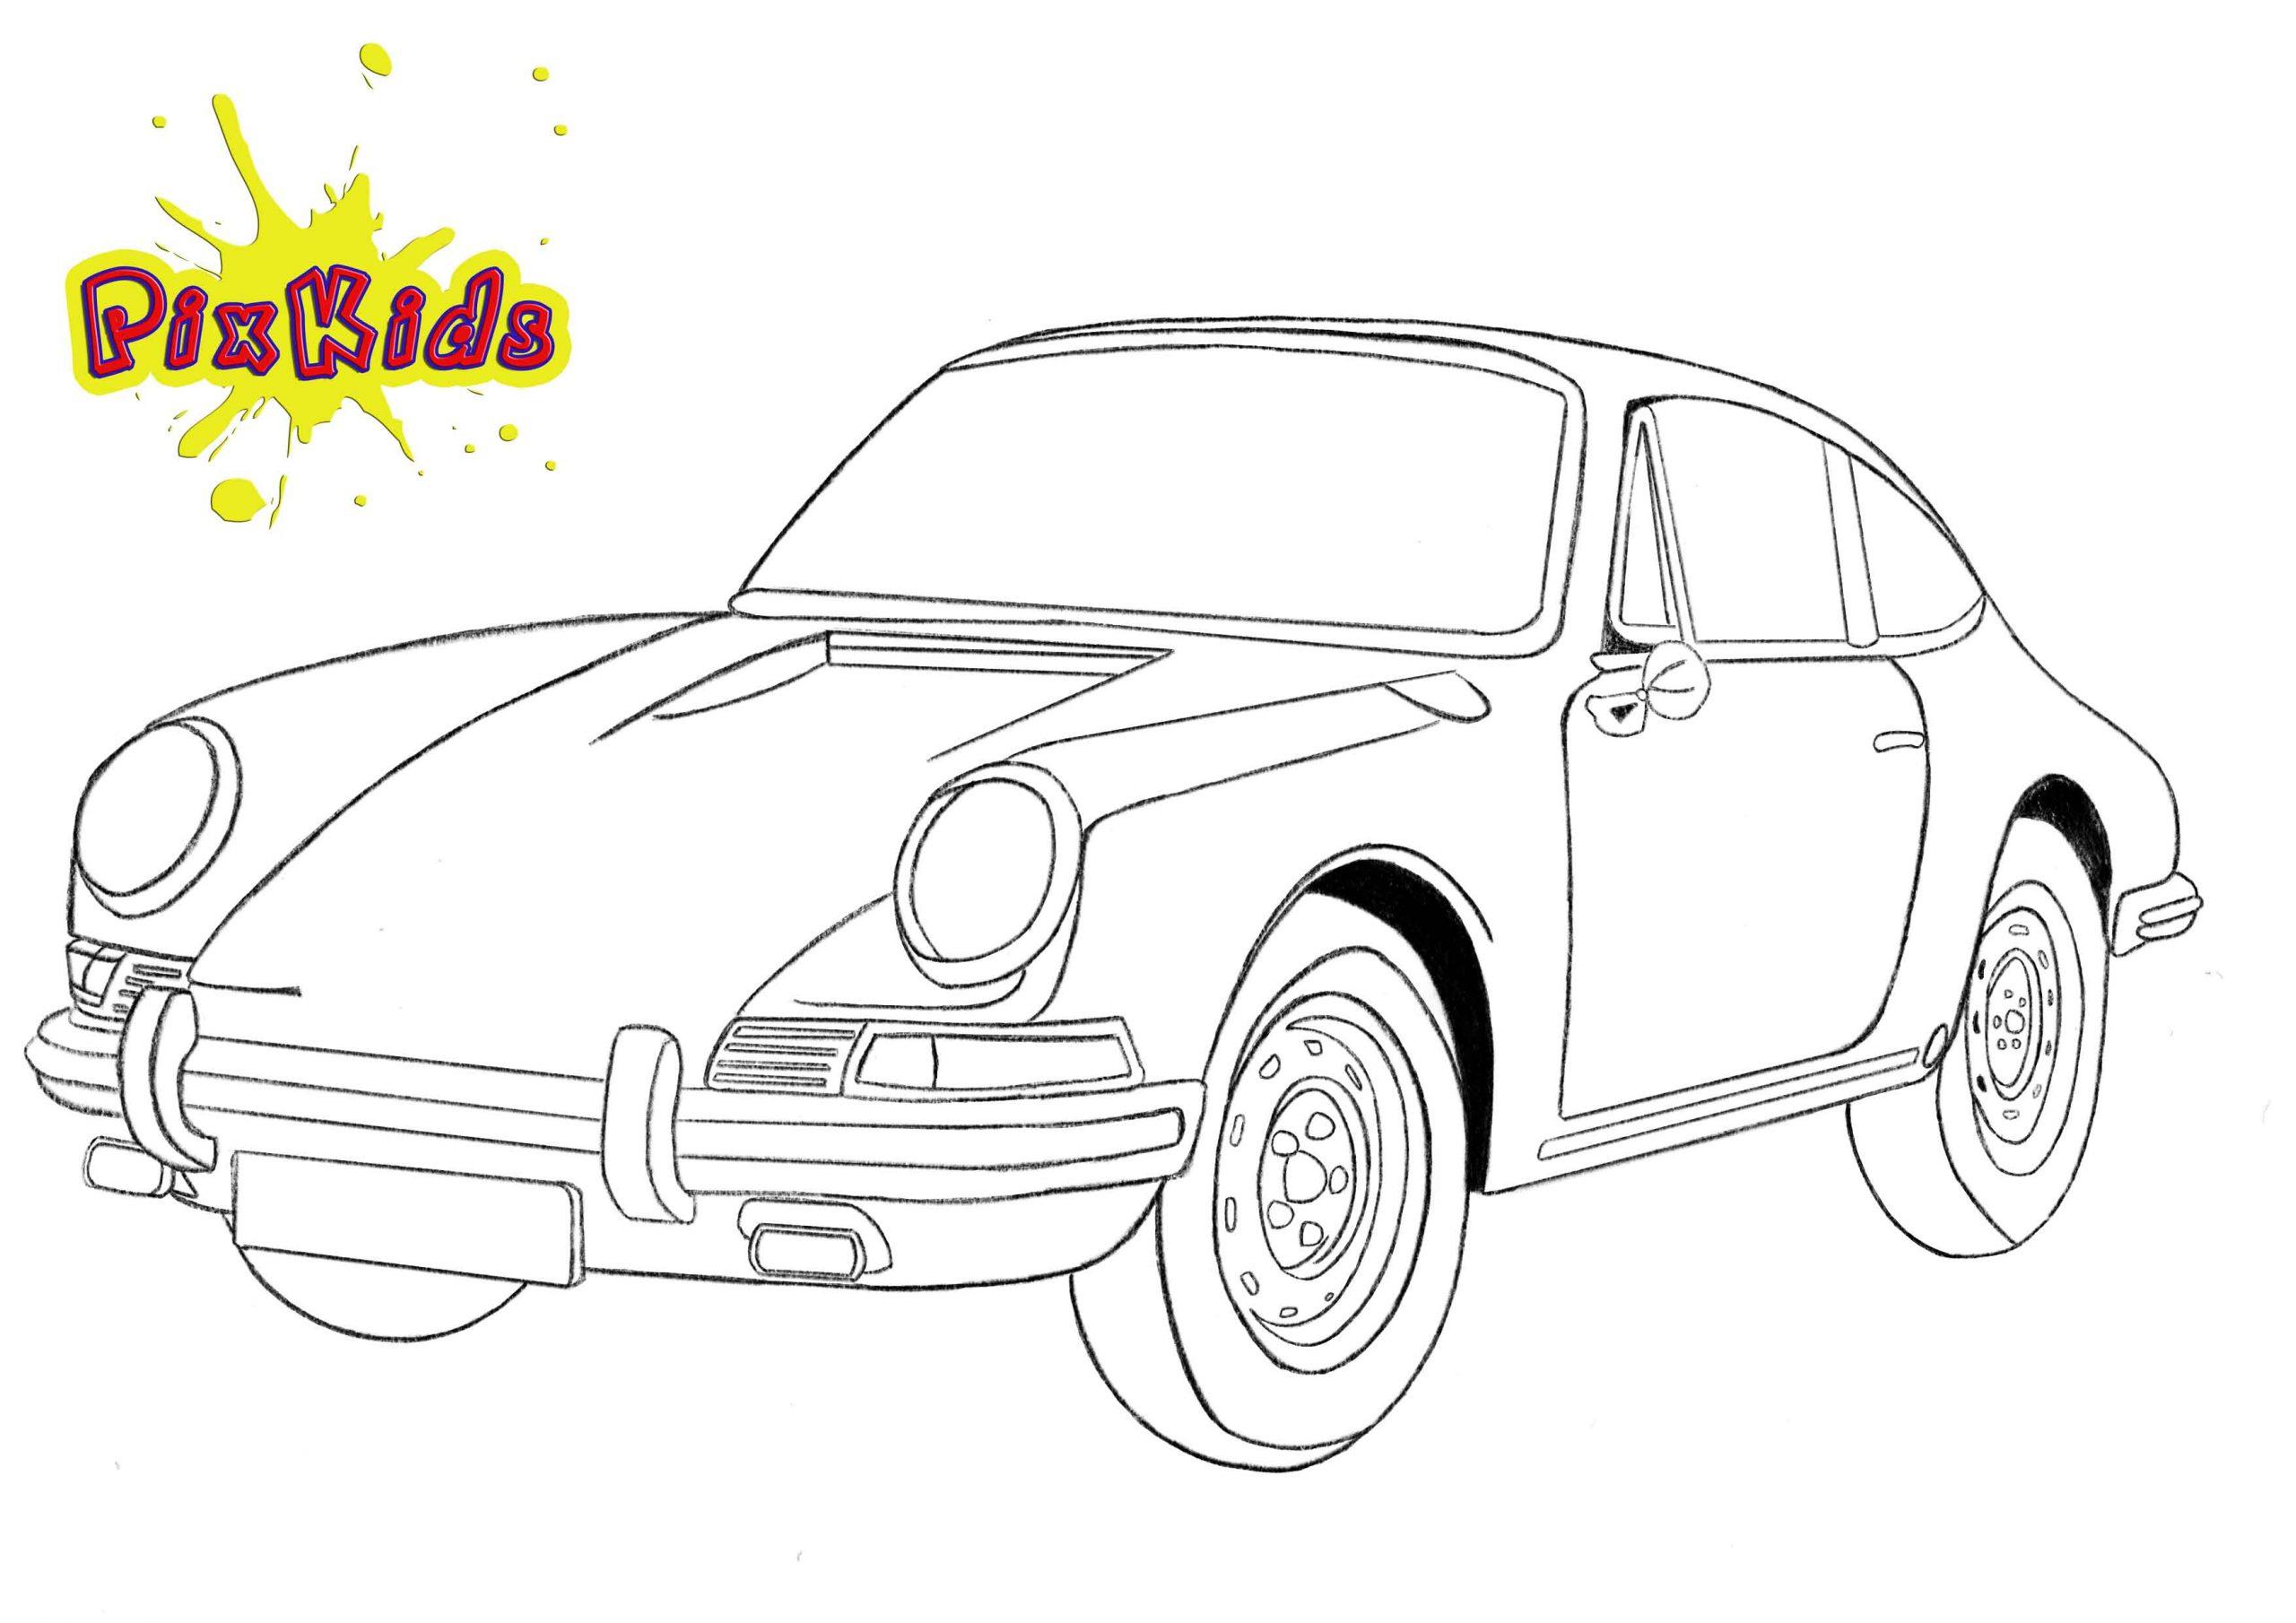 ausmalbilder auto kostenlos - kinderbilder.download